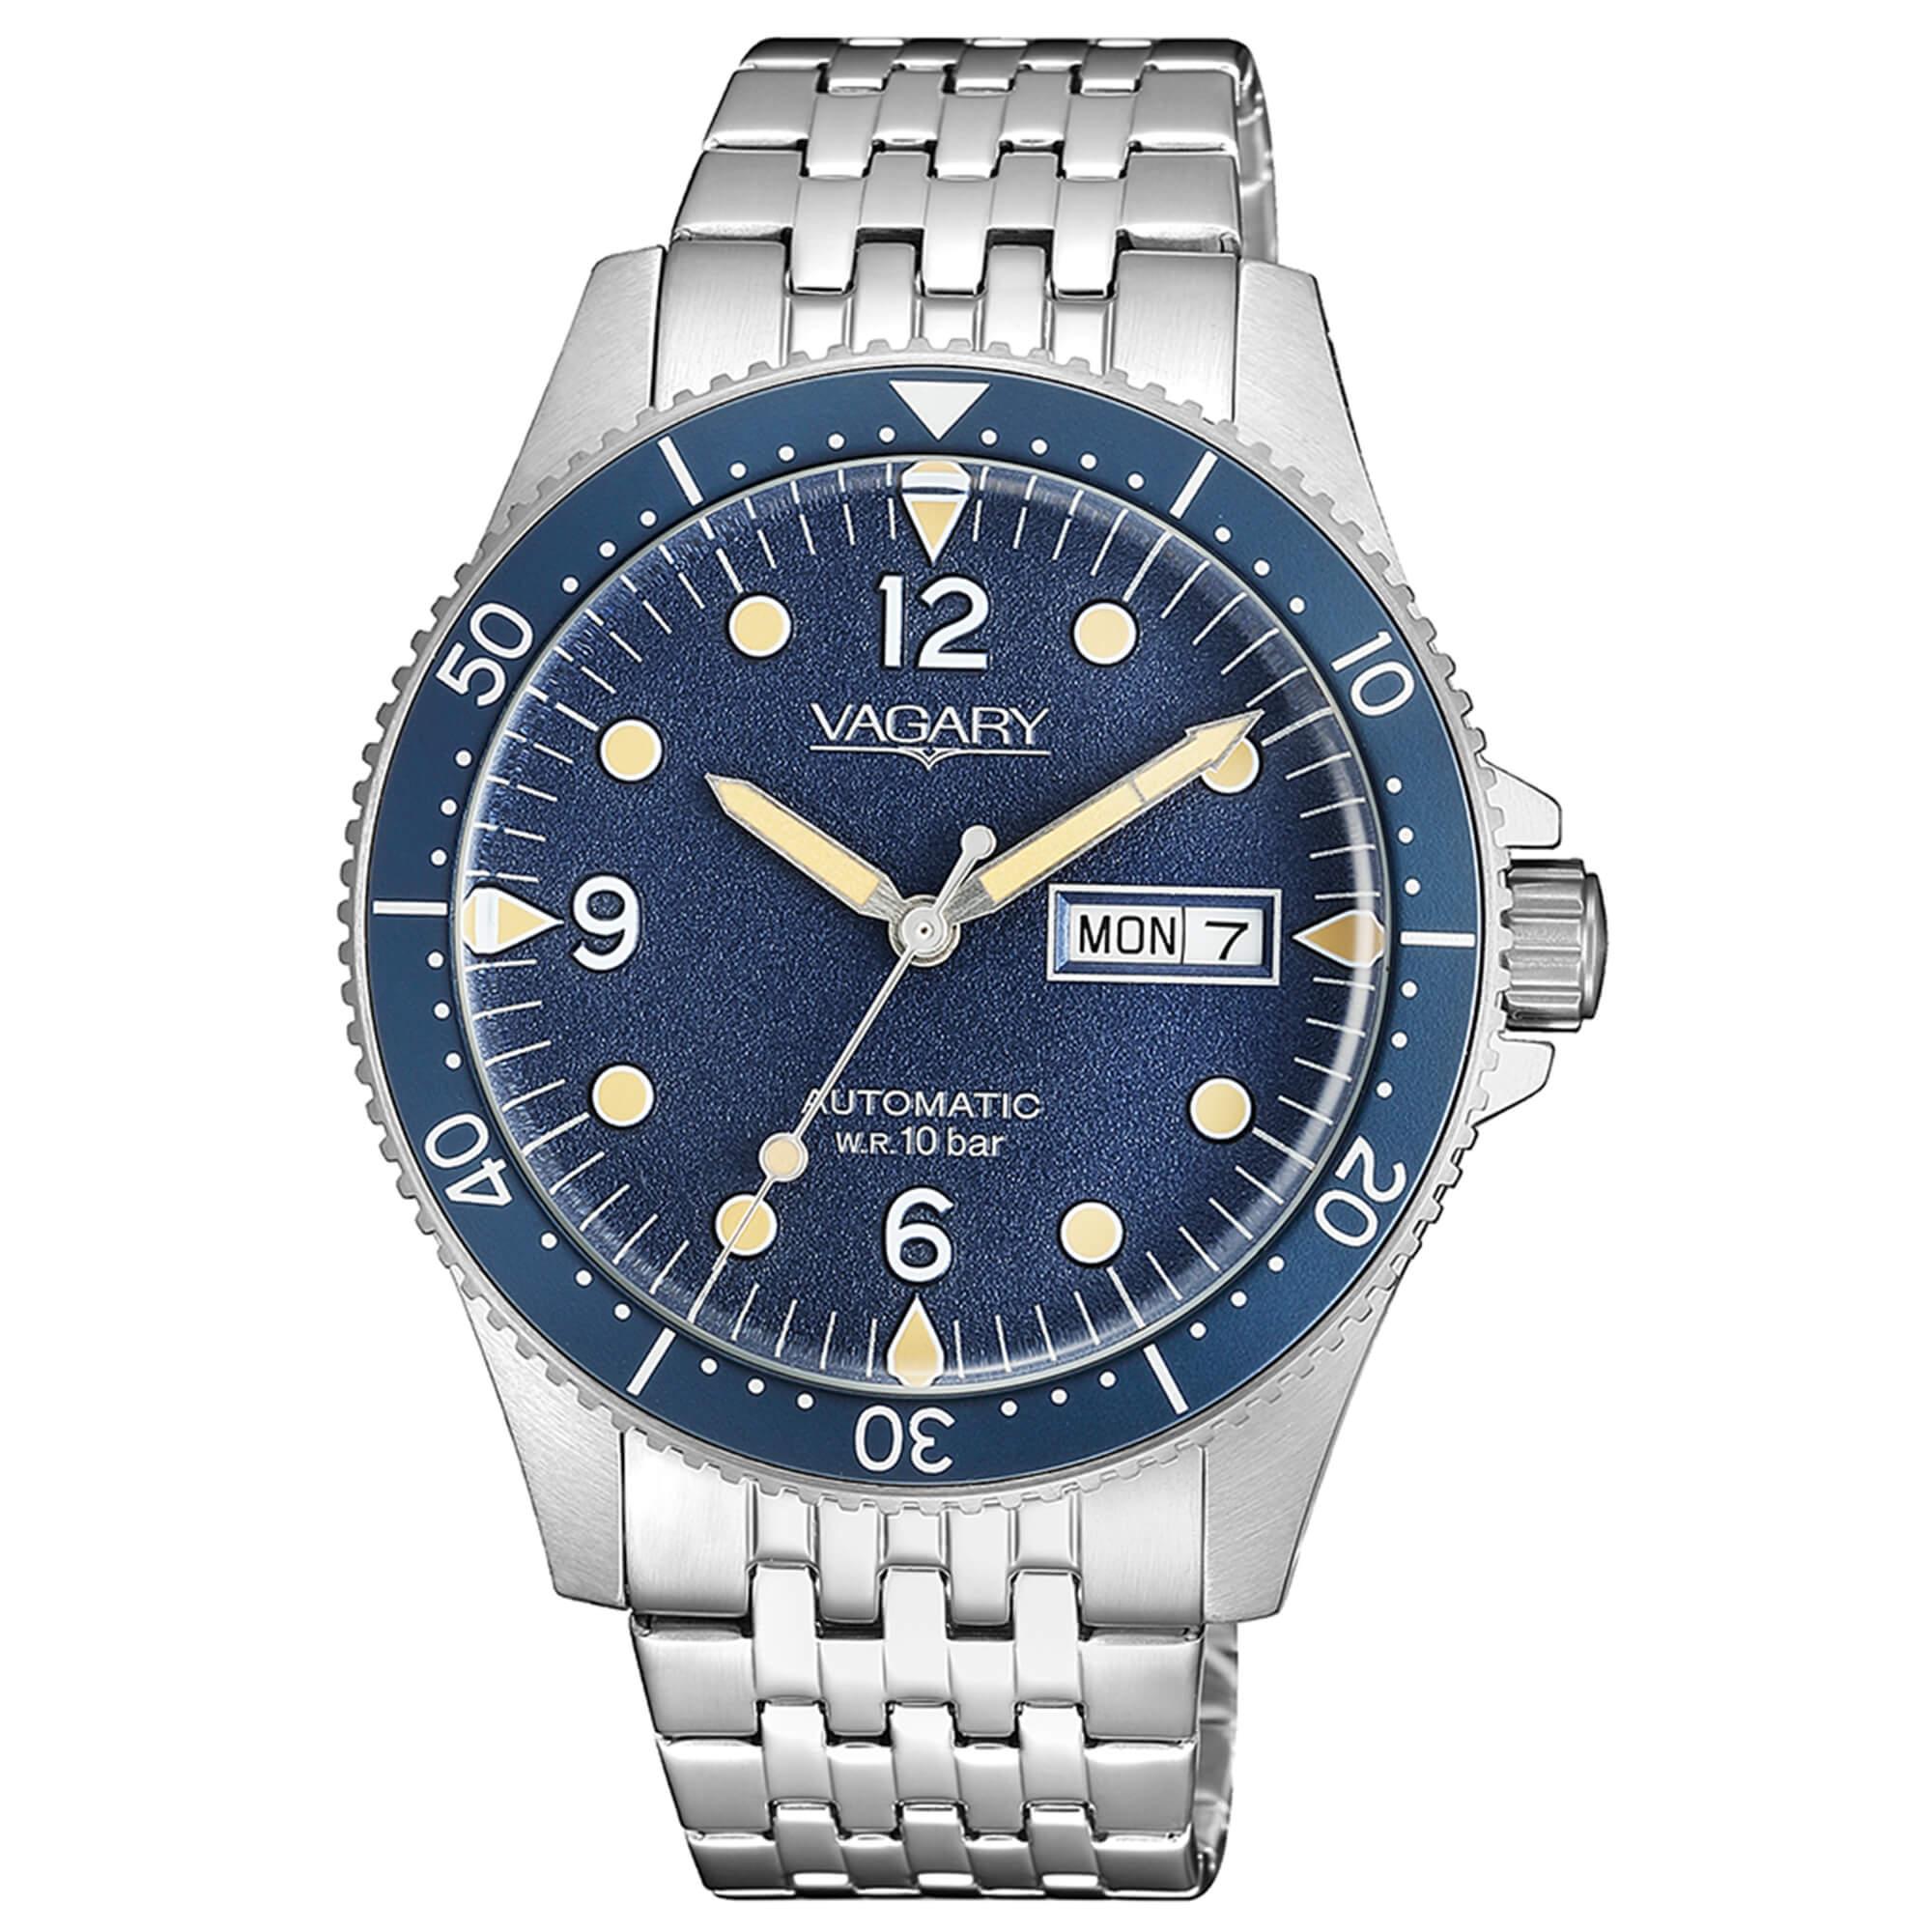 Vagary G Matic Diver IX3-319-71